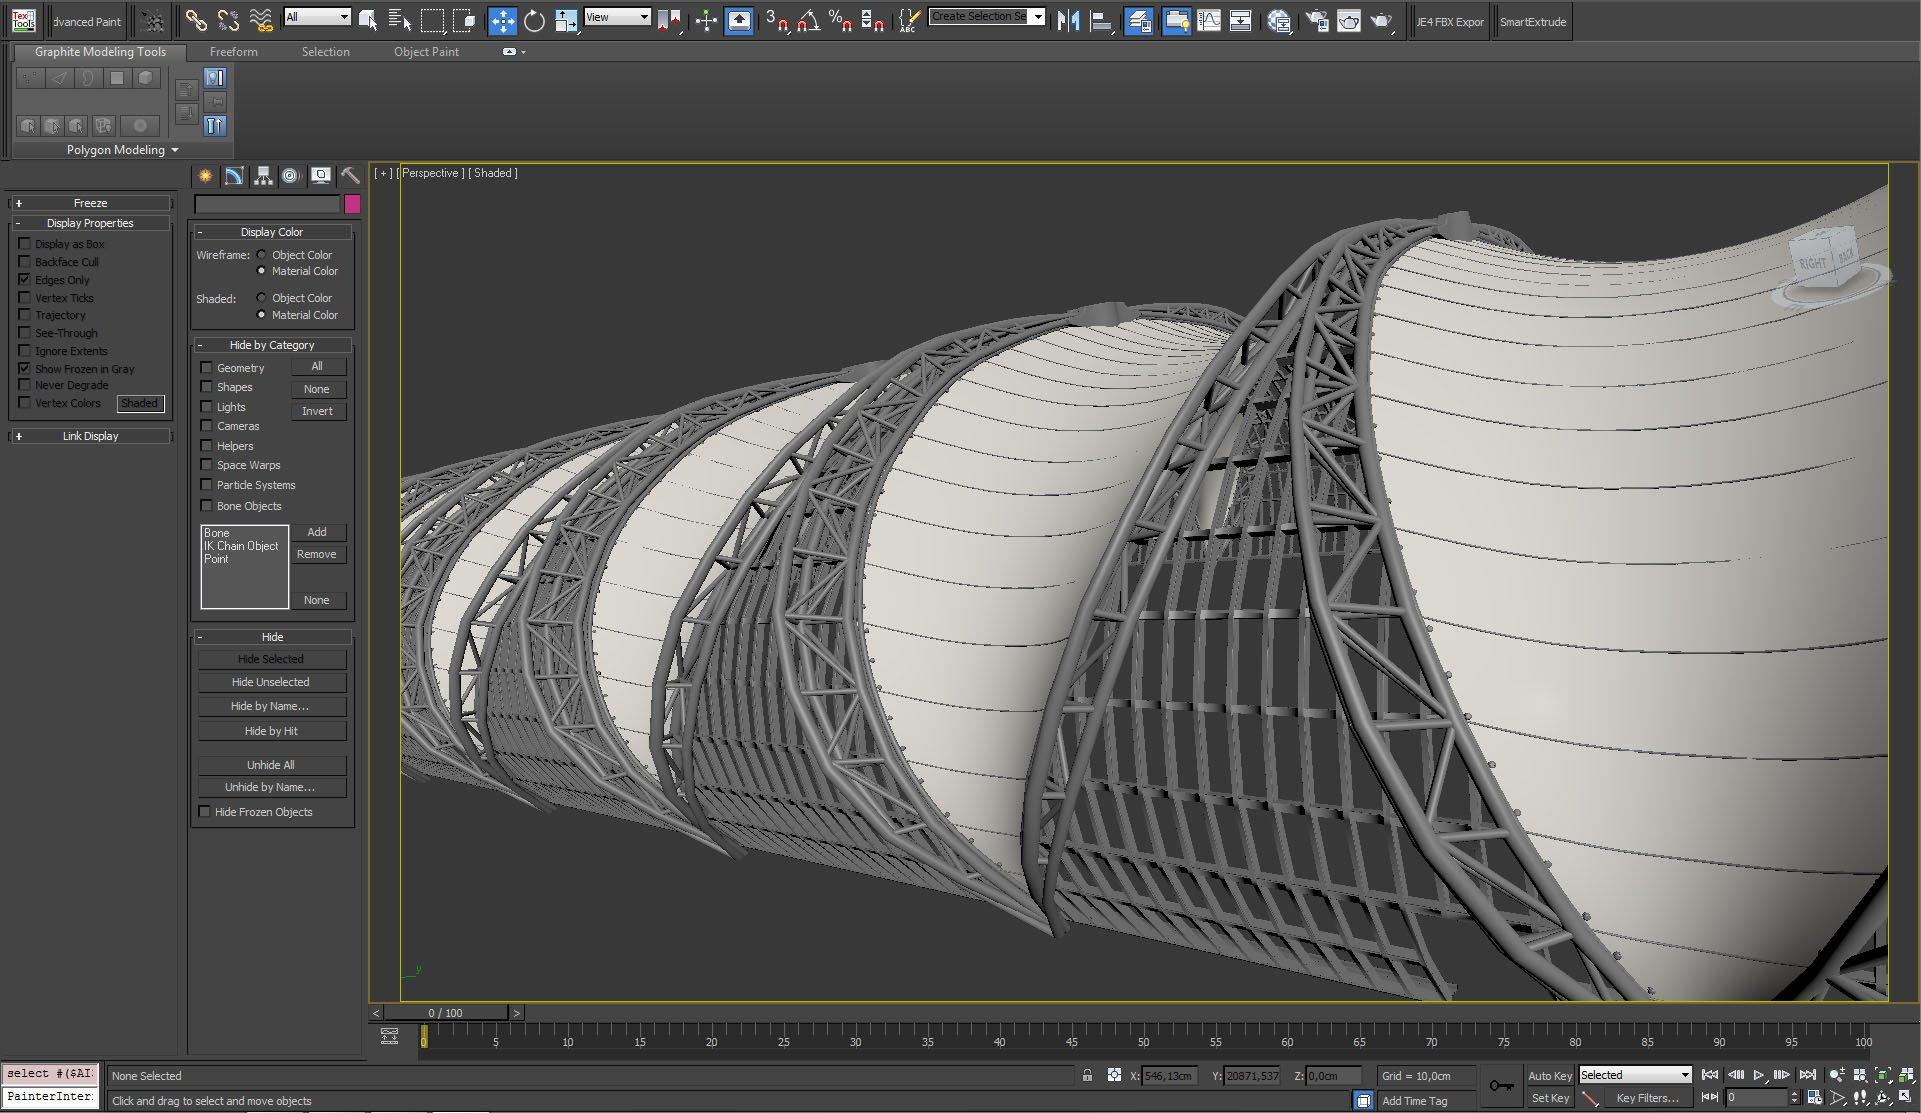 nr_i38s4_0018_construction_closeup_173.jpg